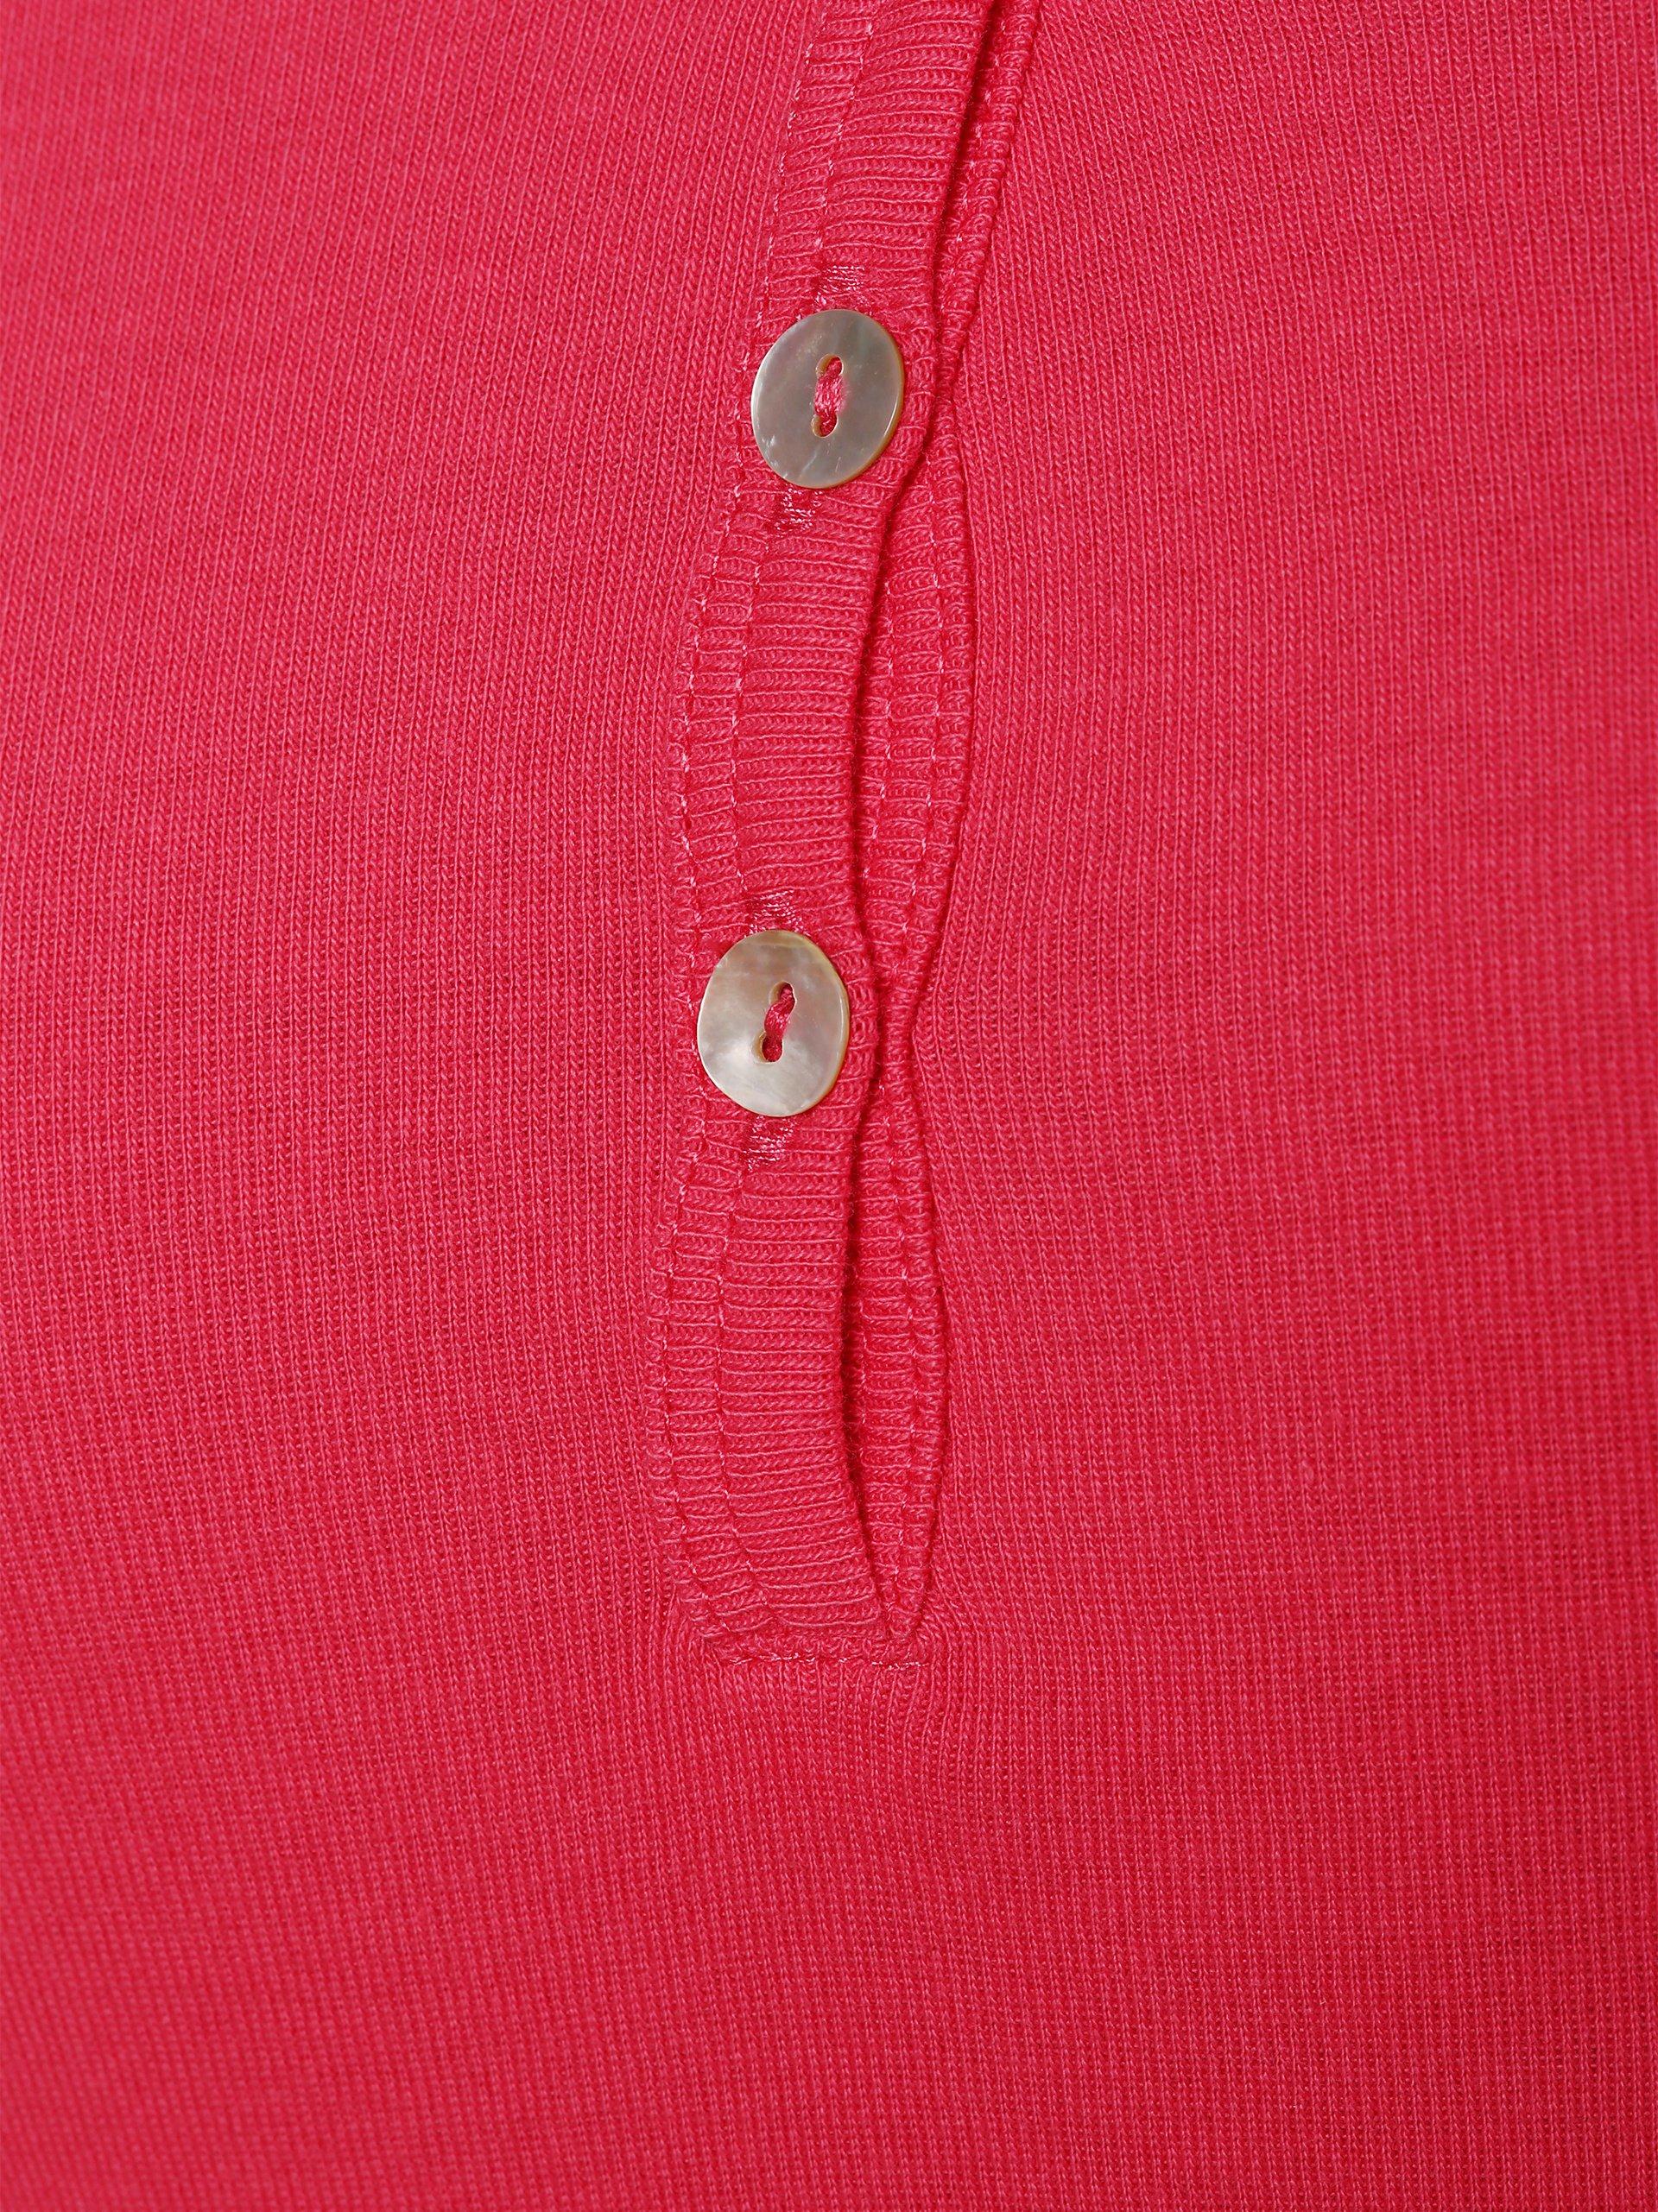 brookshire Damen T-Shirt